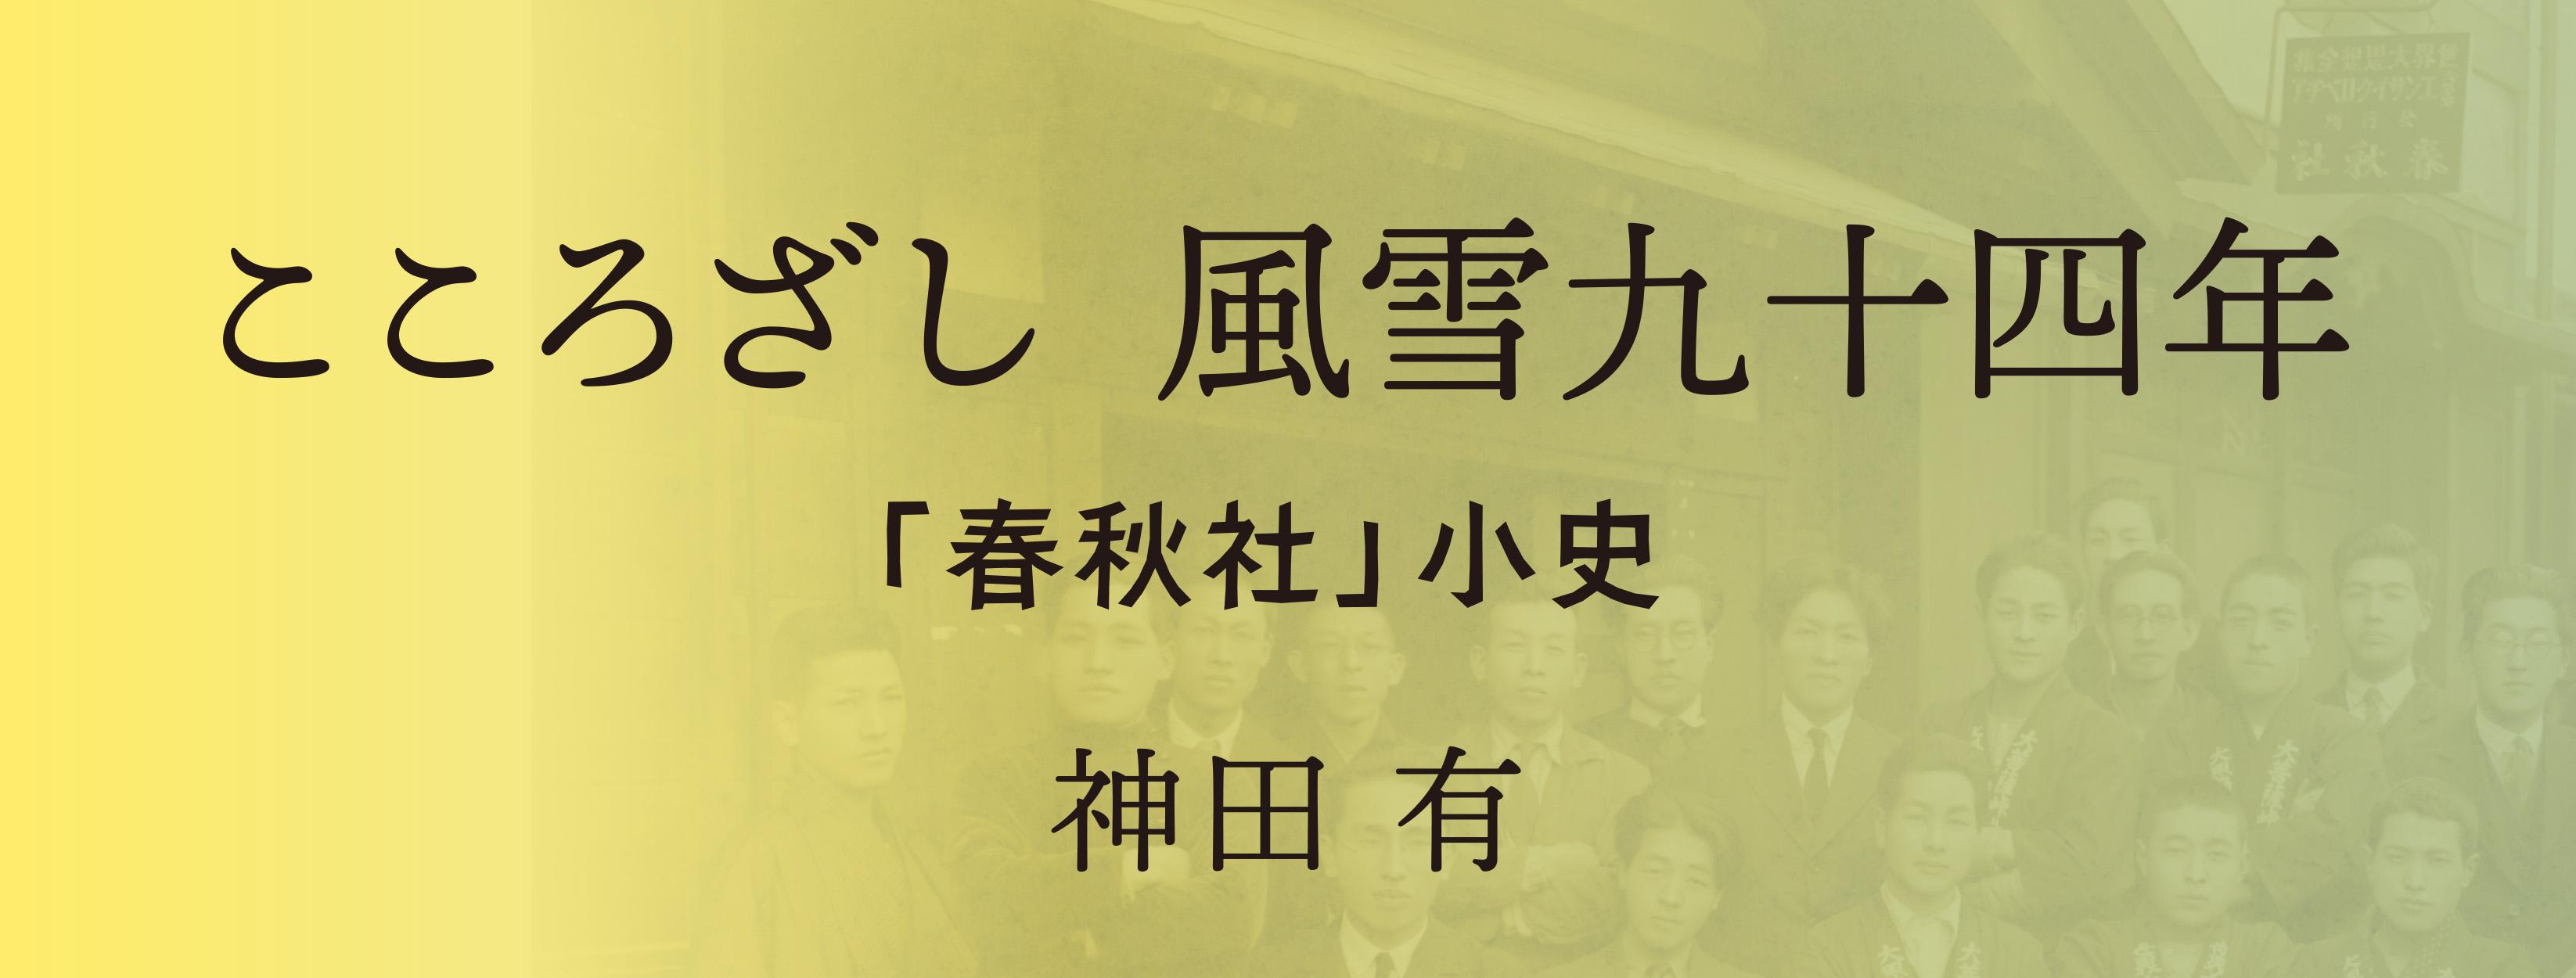 春秋 新聞 日本 経済